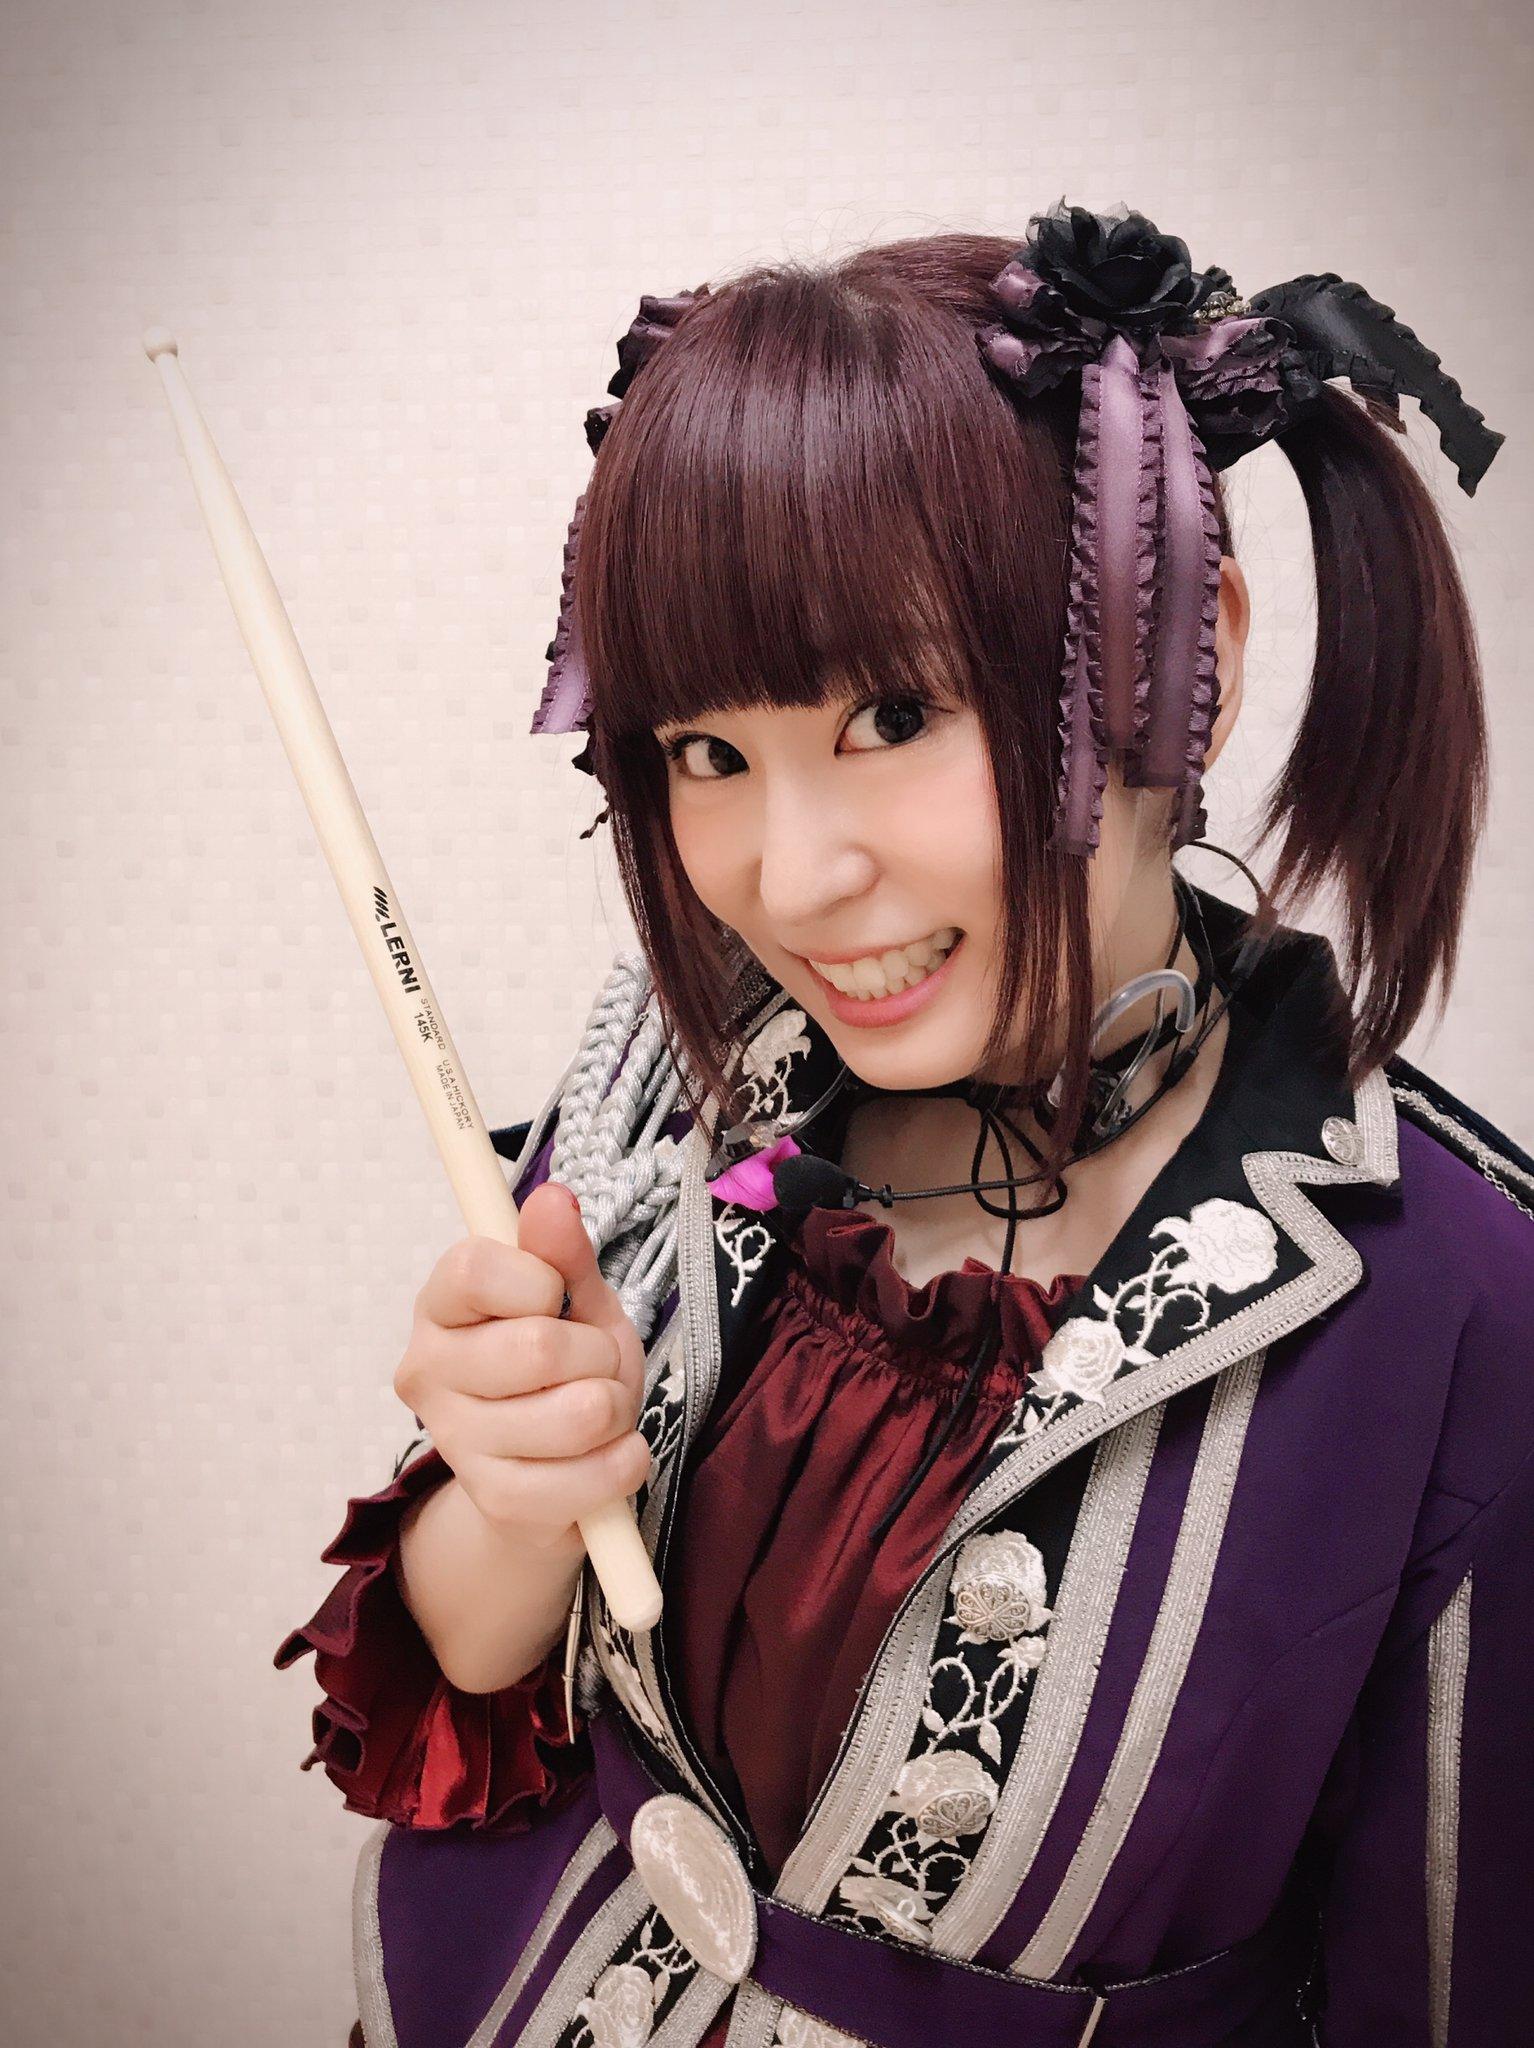 Meguchi